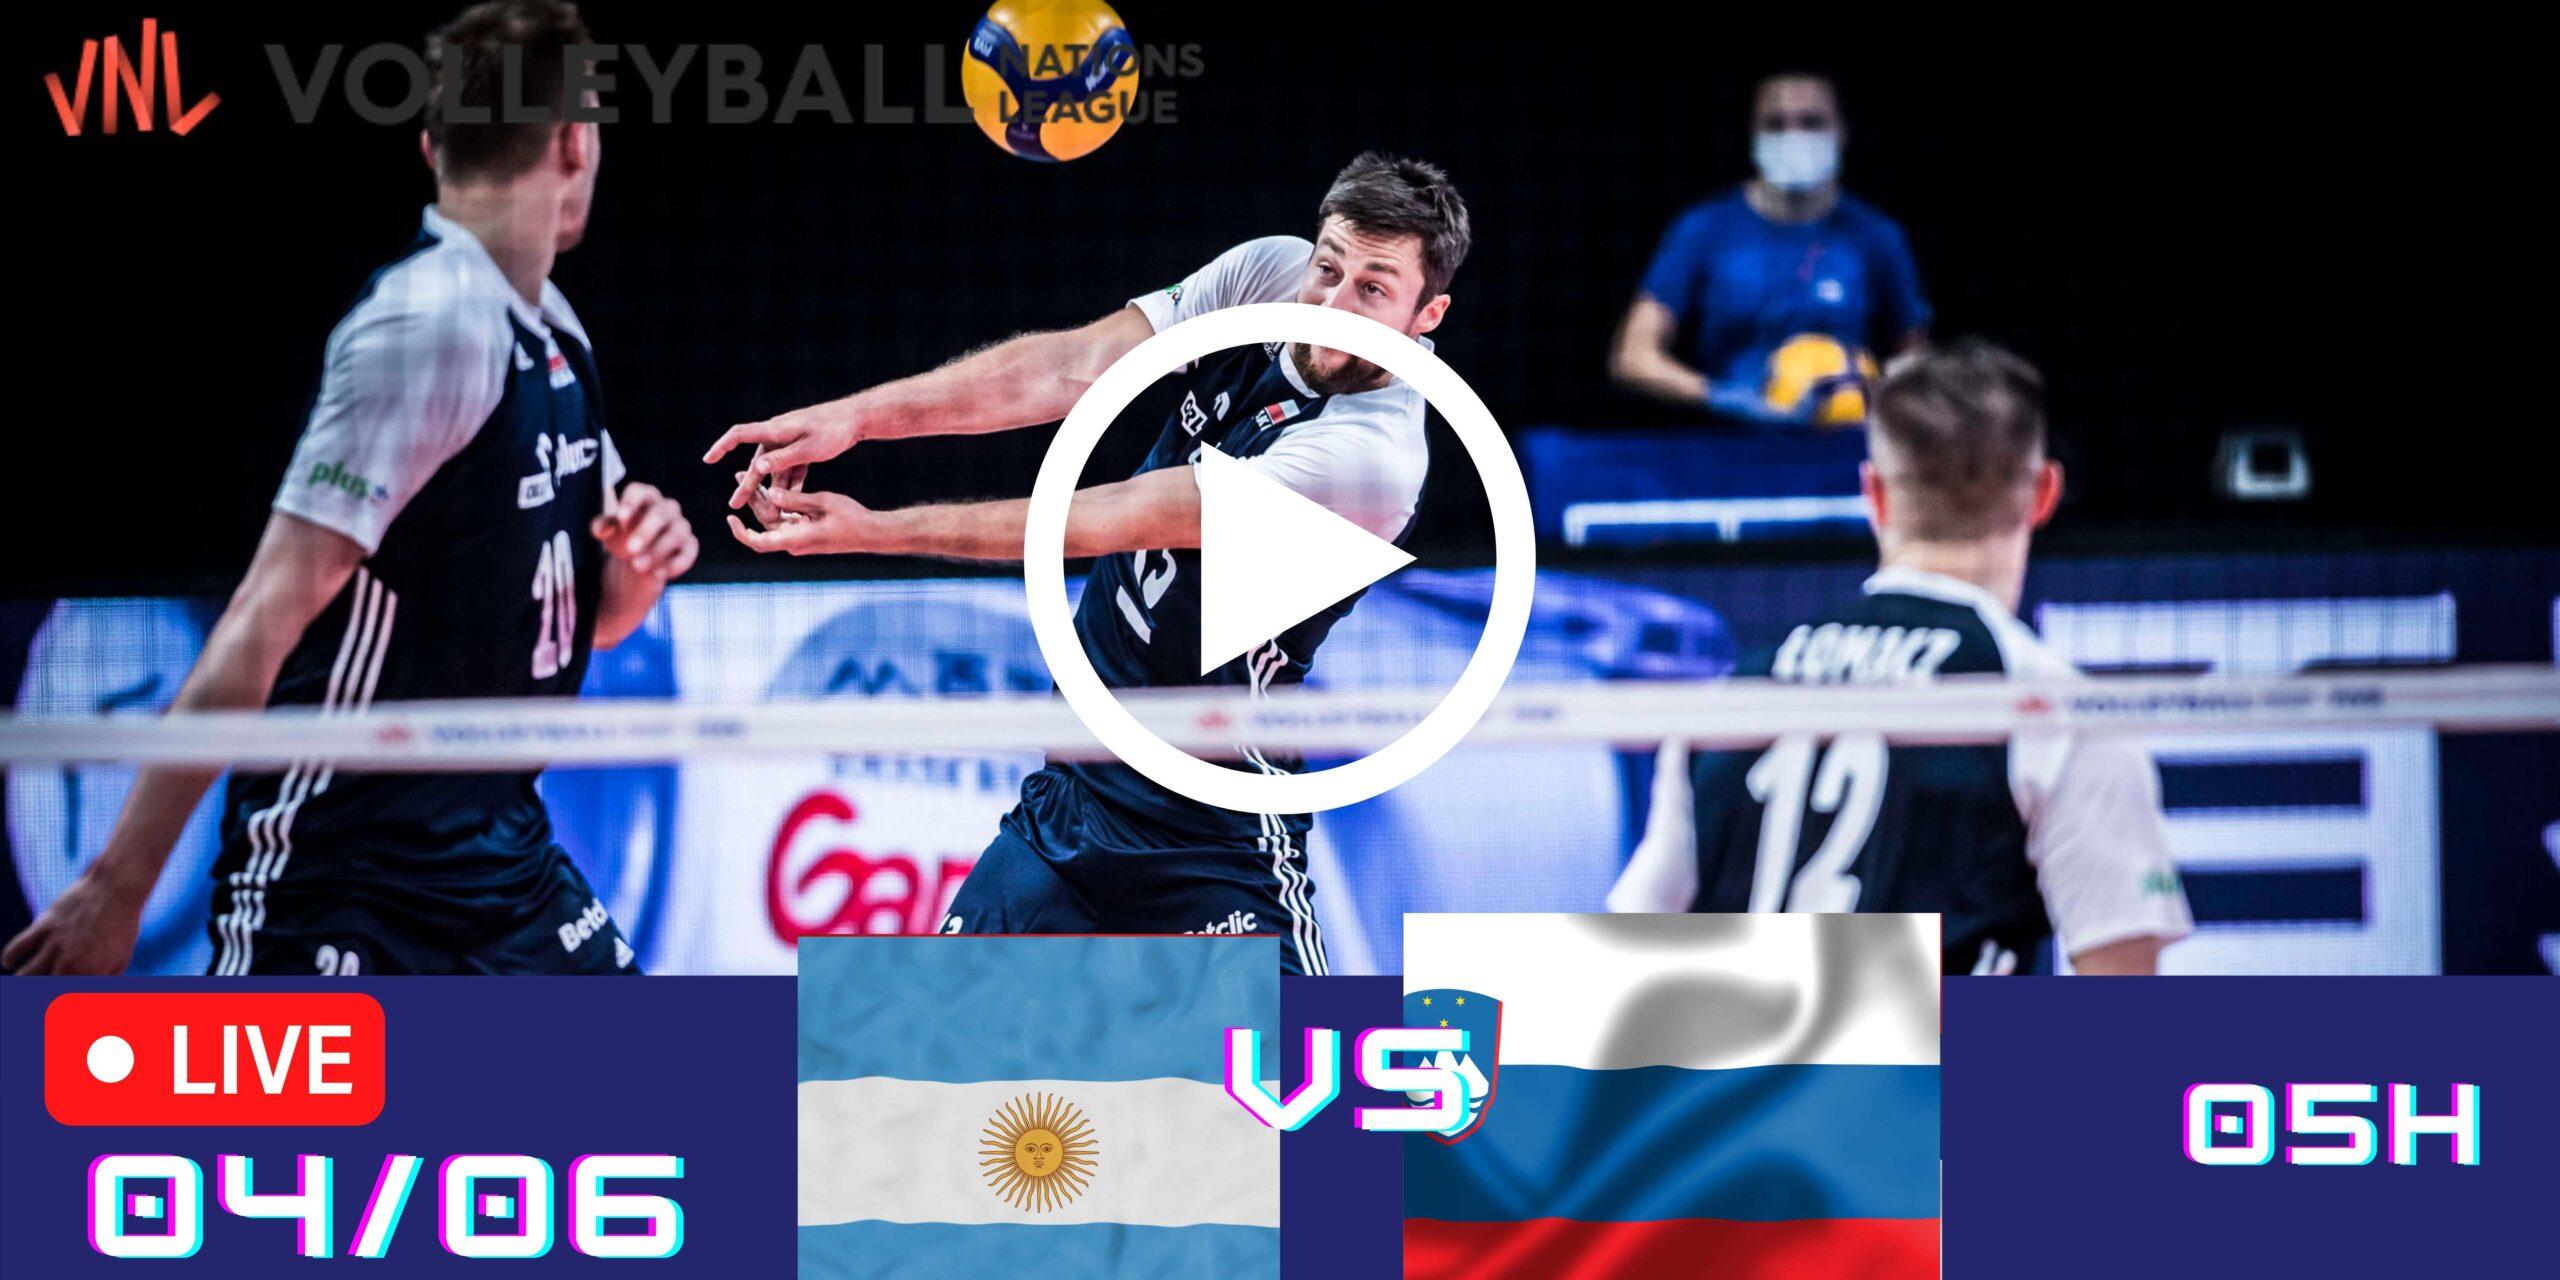 Resultado: Argentina 0 vs 3 Eslovênia – Liga das Nações – 04/06 – 05h